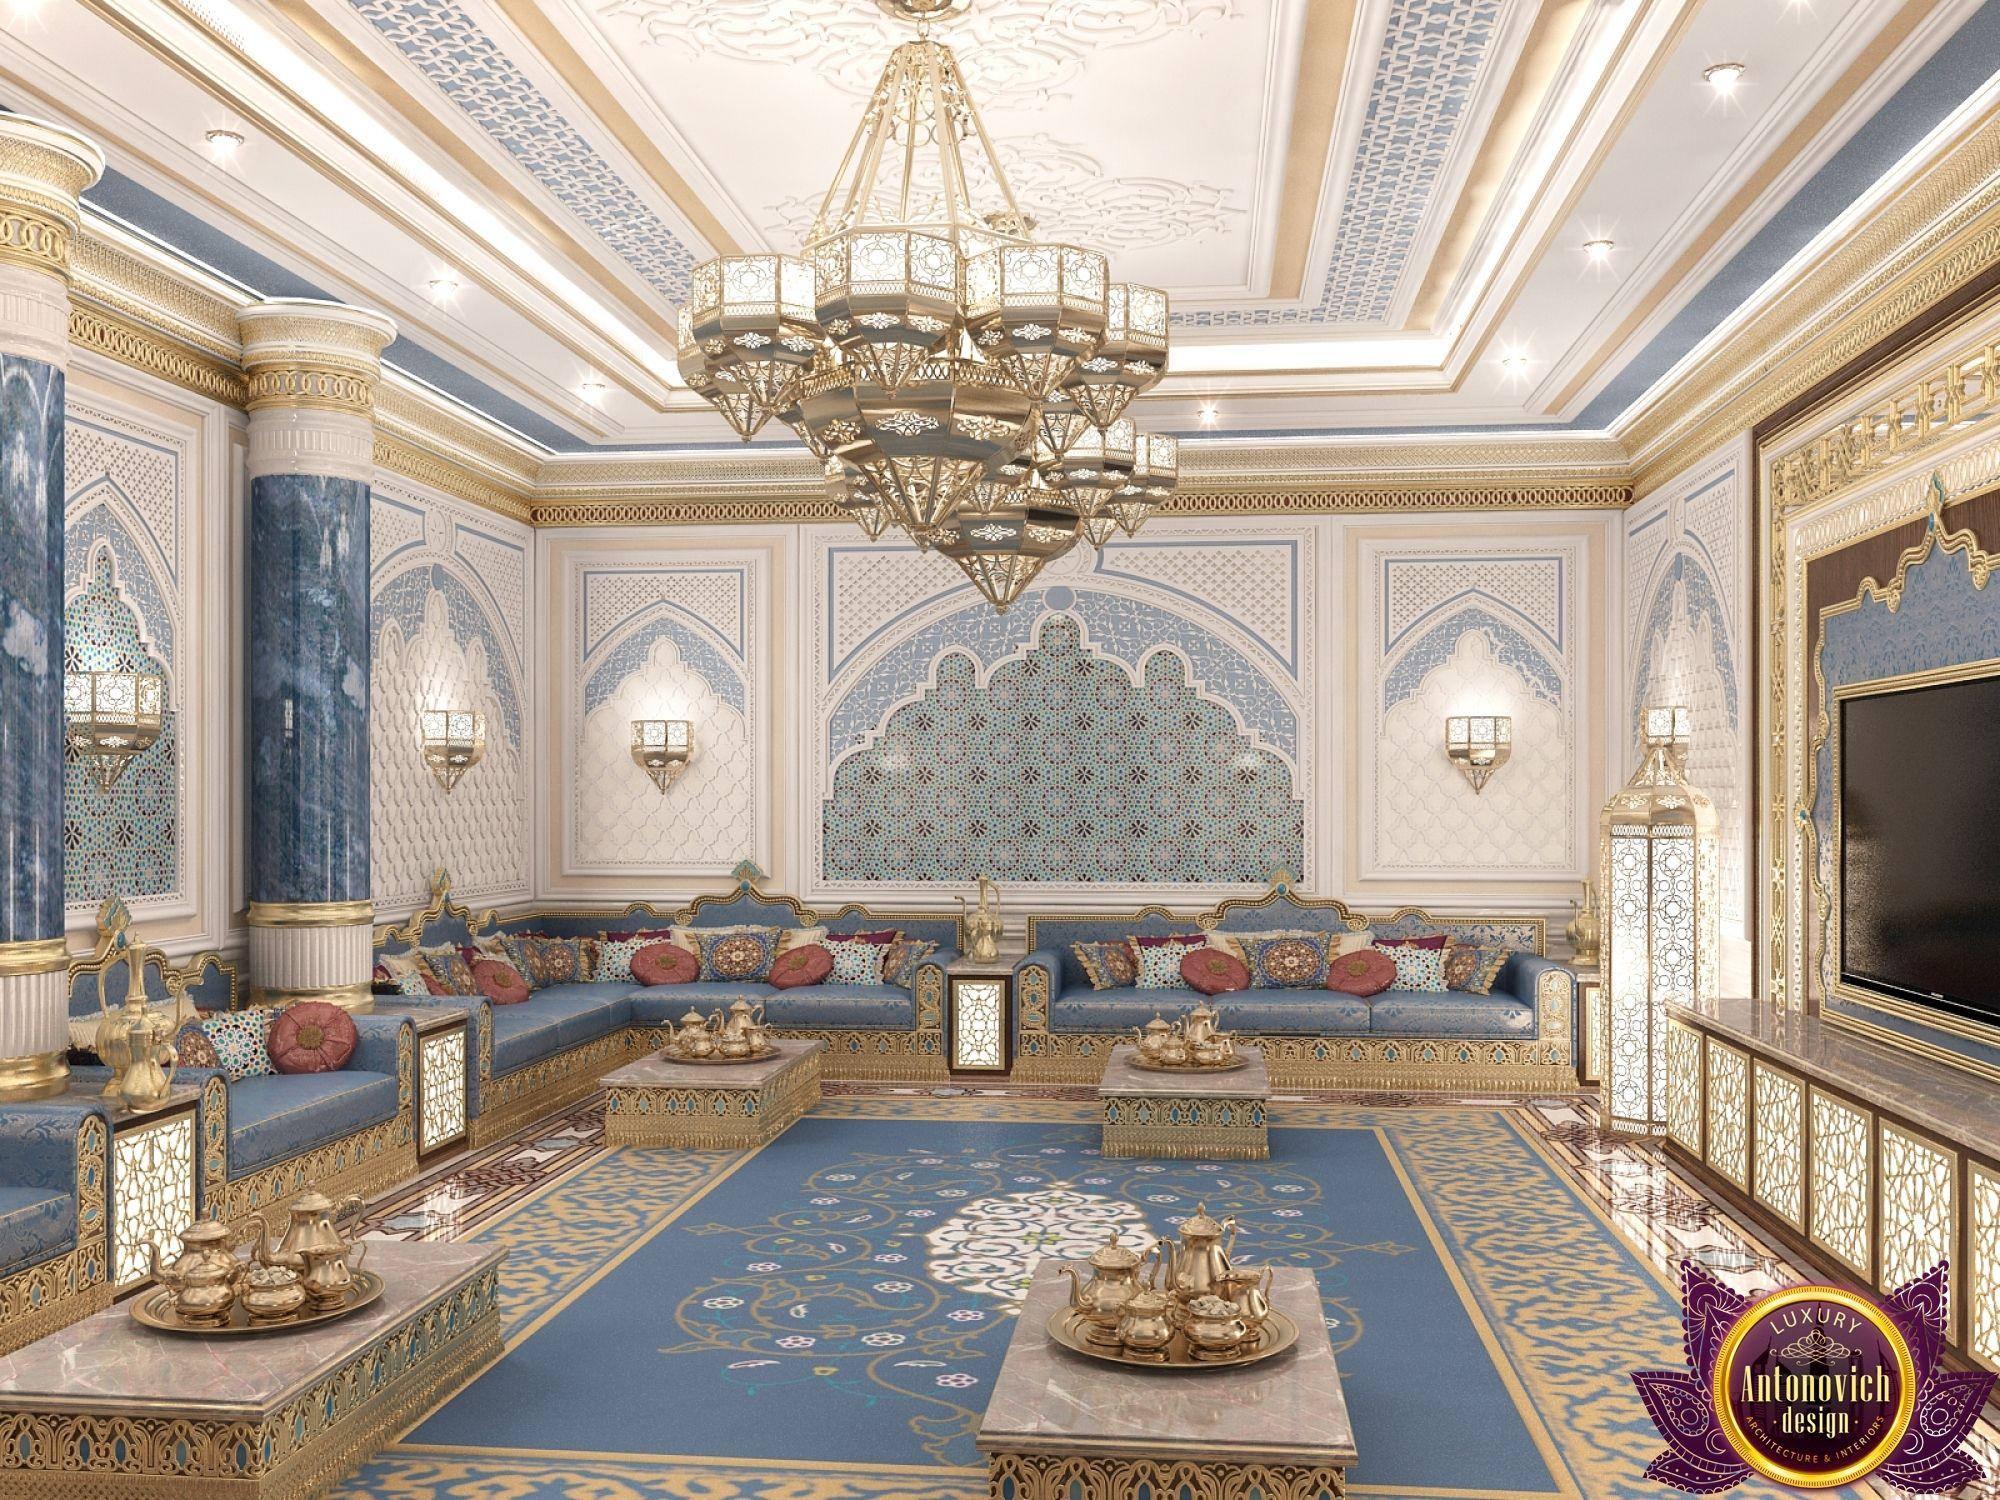 Majlis Interior Design In Dubai Luxury Arabic Majlis